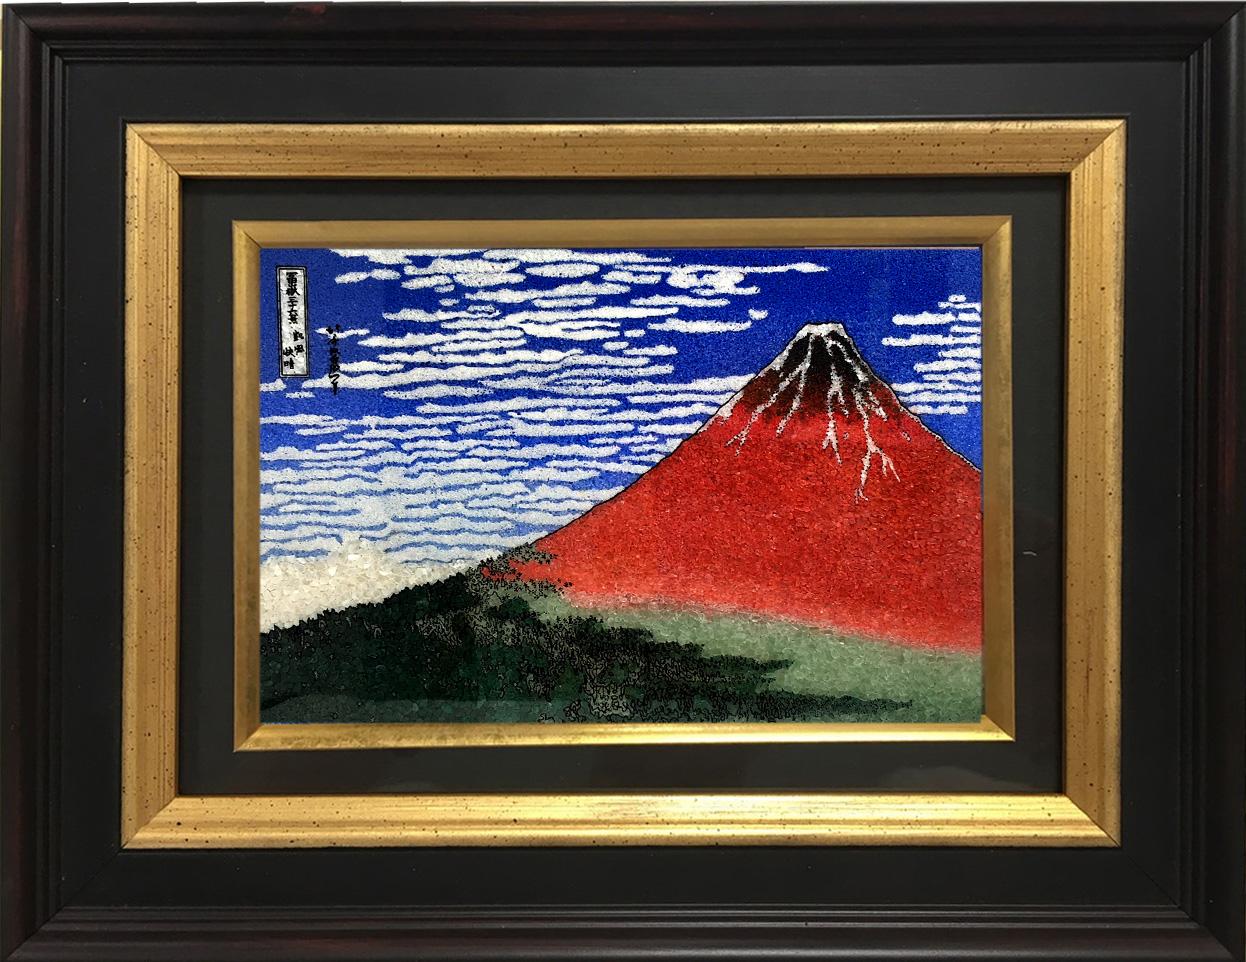 ジュエリー絵画 富嶽三十六景 凱風快晴 赤富士